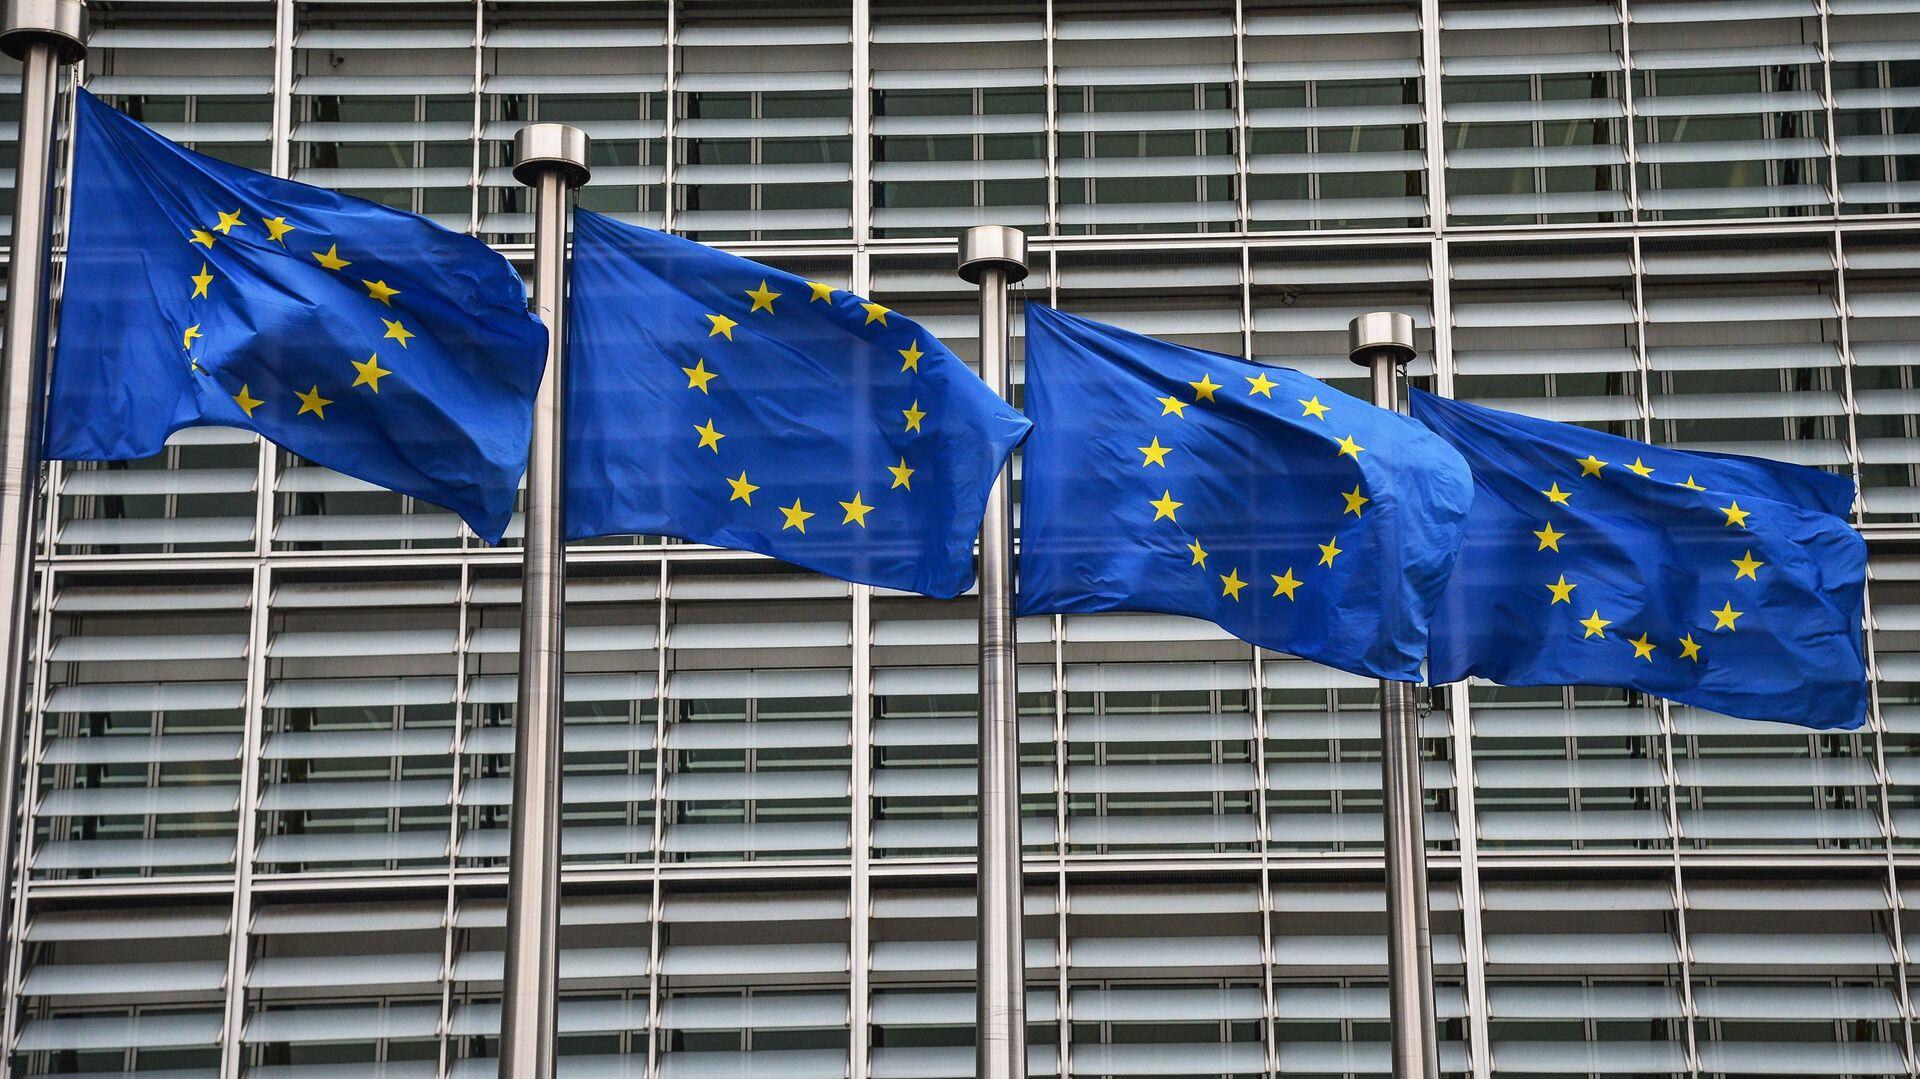 Флаги с символикой Евросоюза у здания Еврокомиссии в Брюсселе - РИА Новости, 1920, 12.07.2021